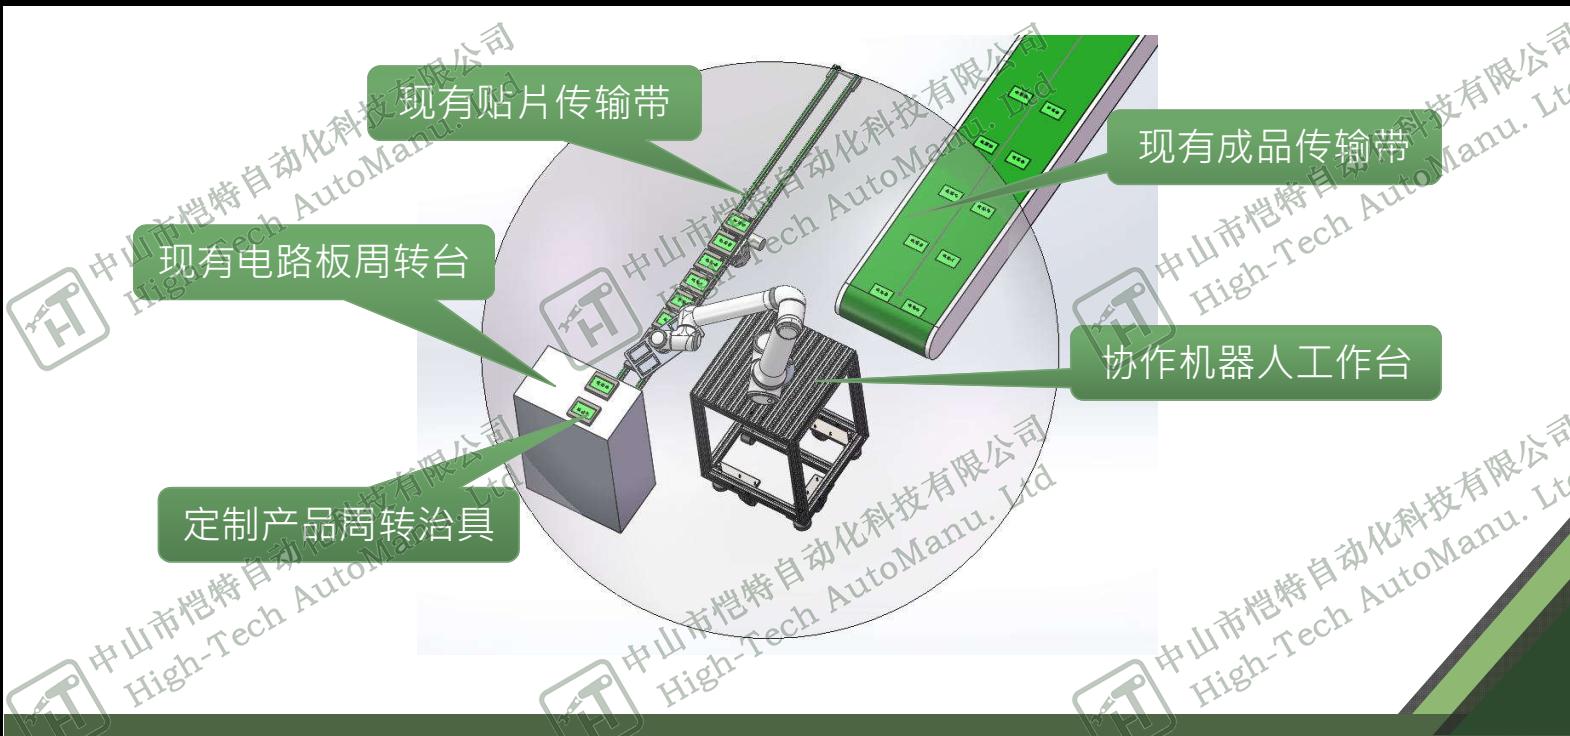 协作机器人方案截图2